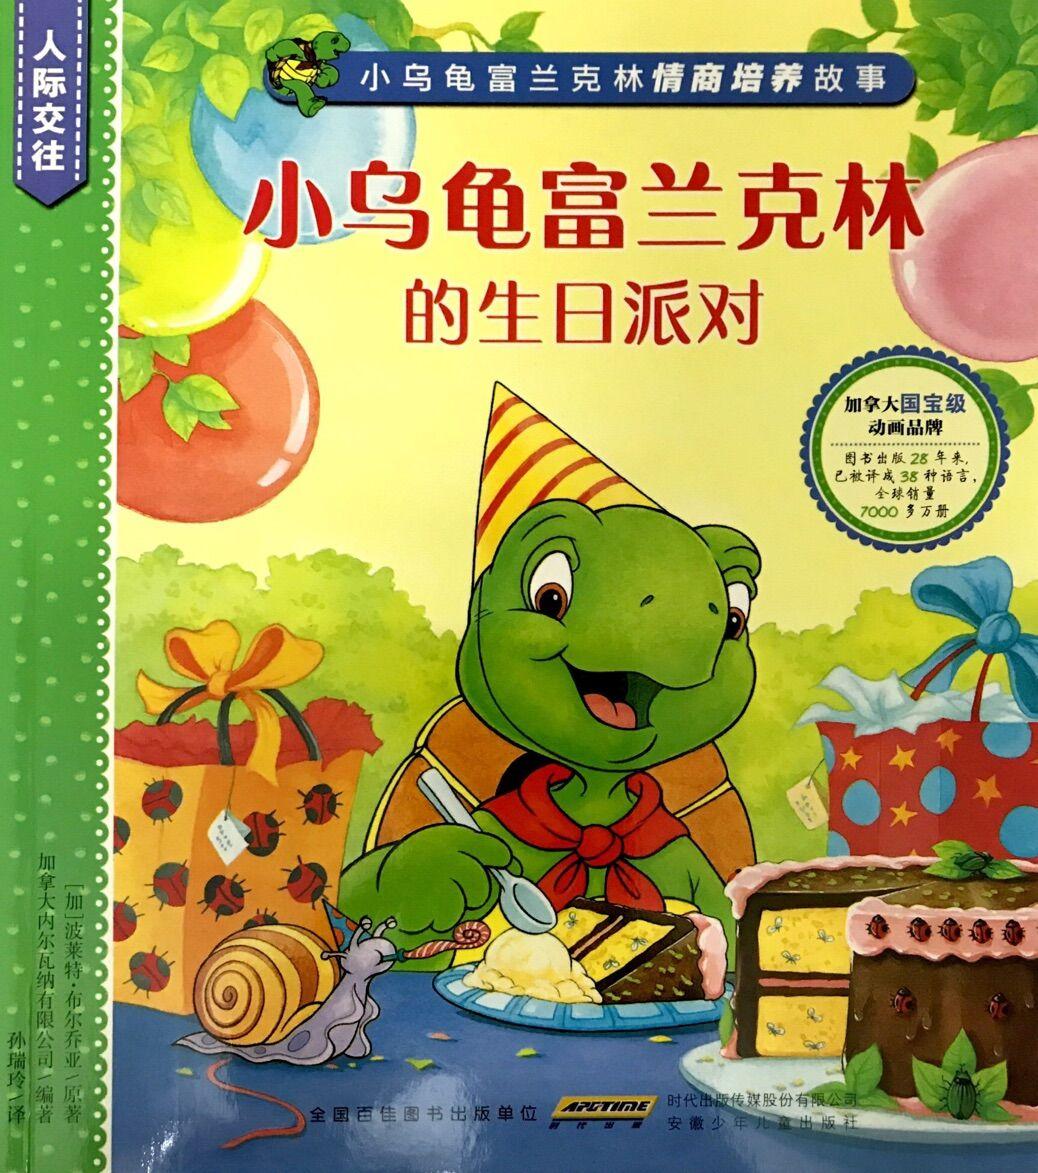 小乌龟富兰克林情商培养故事·人际交往:小乌龟富兰克林的生日派对